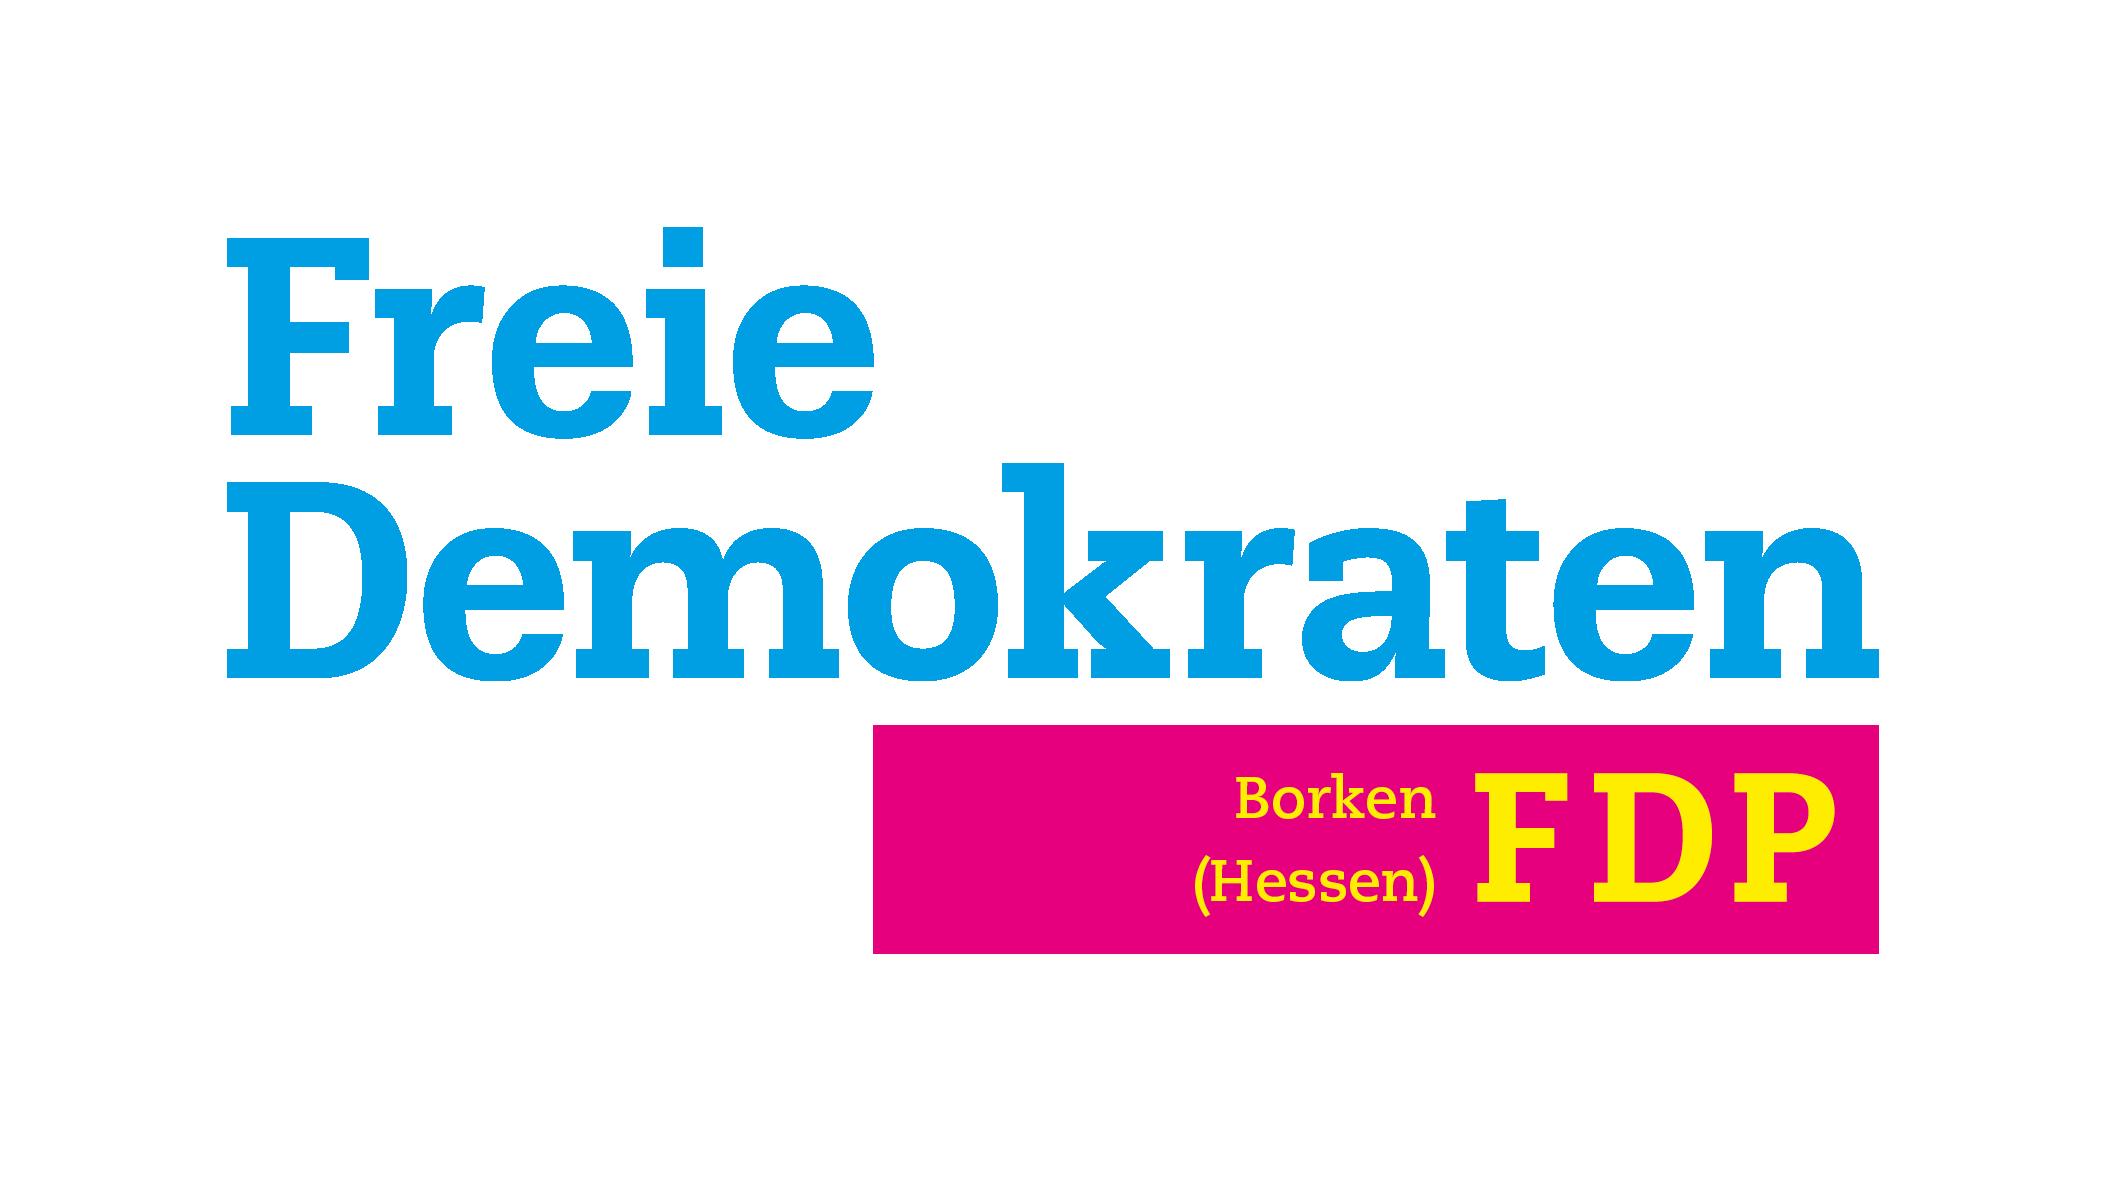 FDP Borken (Hessen)